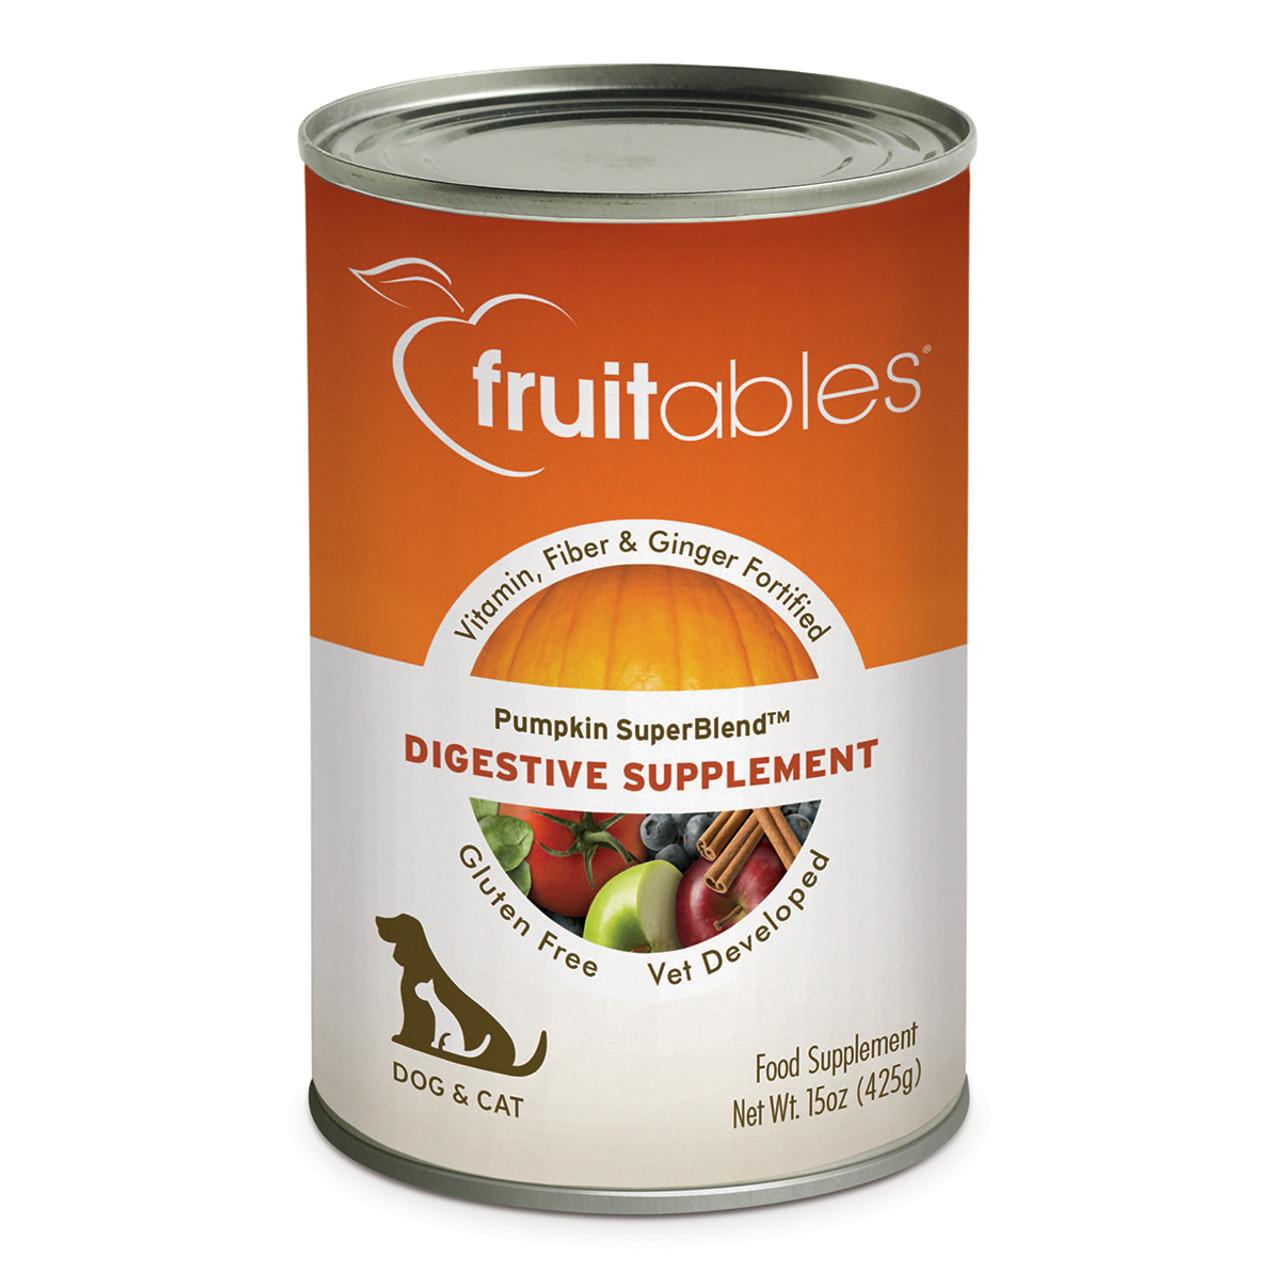 Fruitables Pumpkin SuperBlend Digestive Supplement for Dogs & Cats